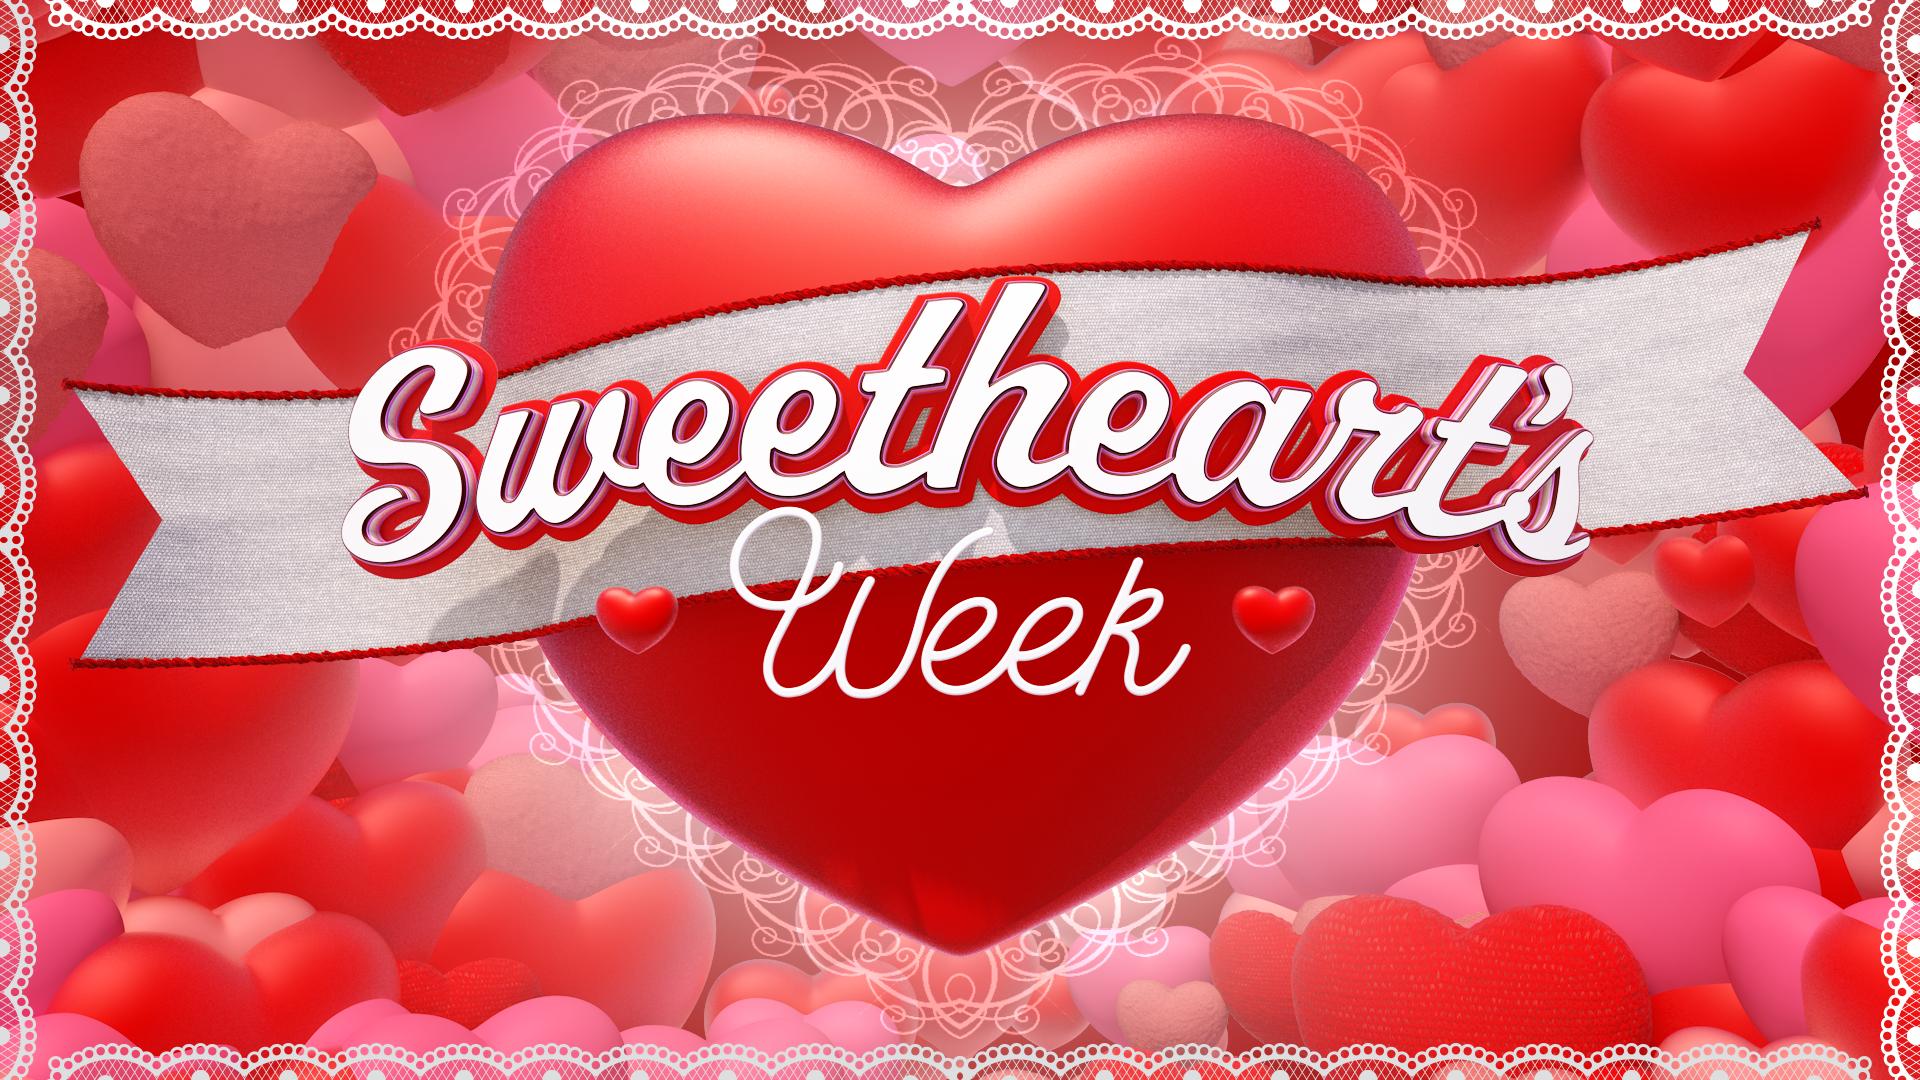 Sweethearts_v1 (0-00-00-00).png